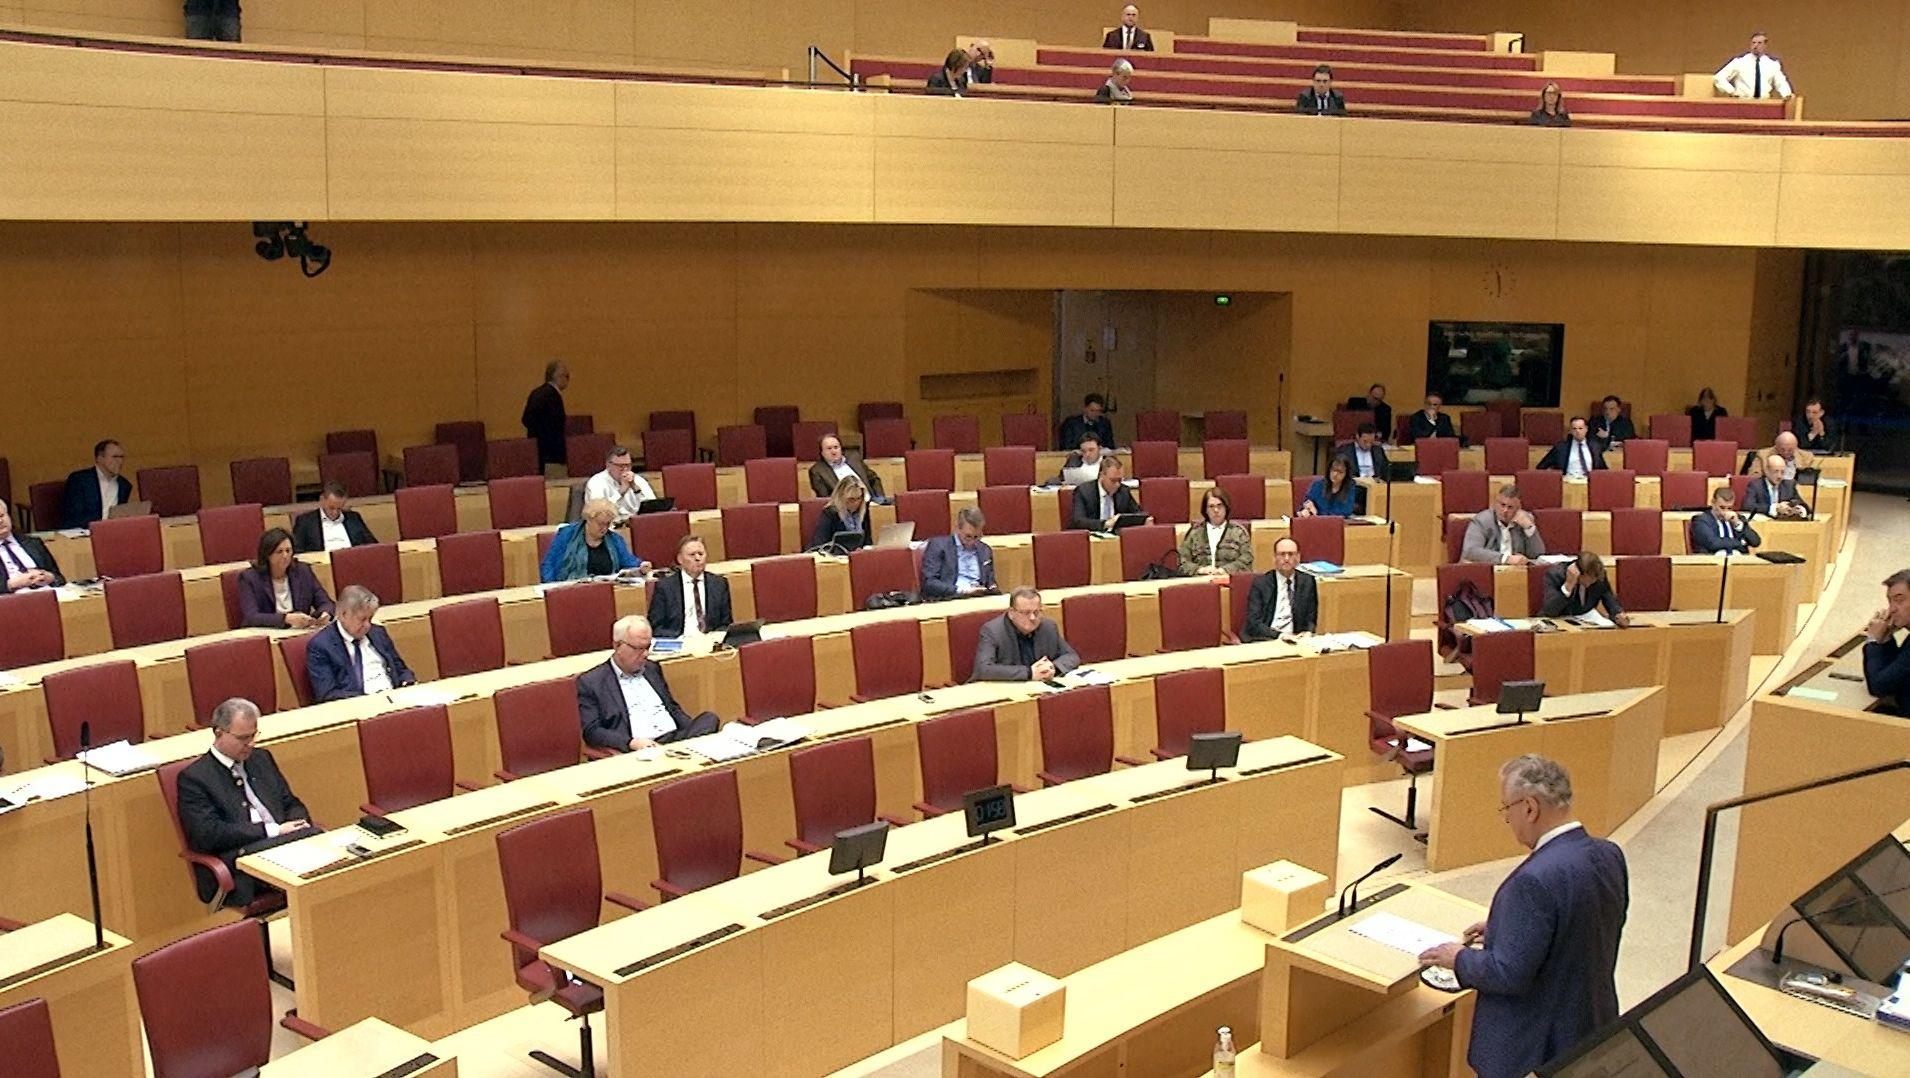 Im Kampf gegen das Coronavirus darf die bayerische Staatsregierung den Gesundheits-Notstand ausrufen. Damit kann sie künftig leichter auf medizinisches Personal und Material zugreifen. Dem stimmte heute der Landtag geschlossen zu.